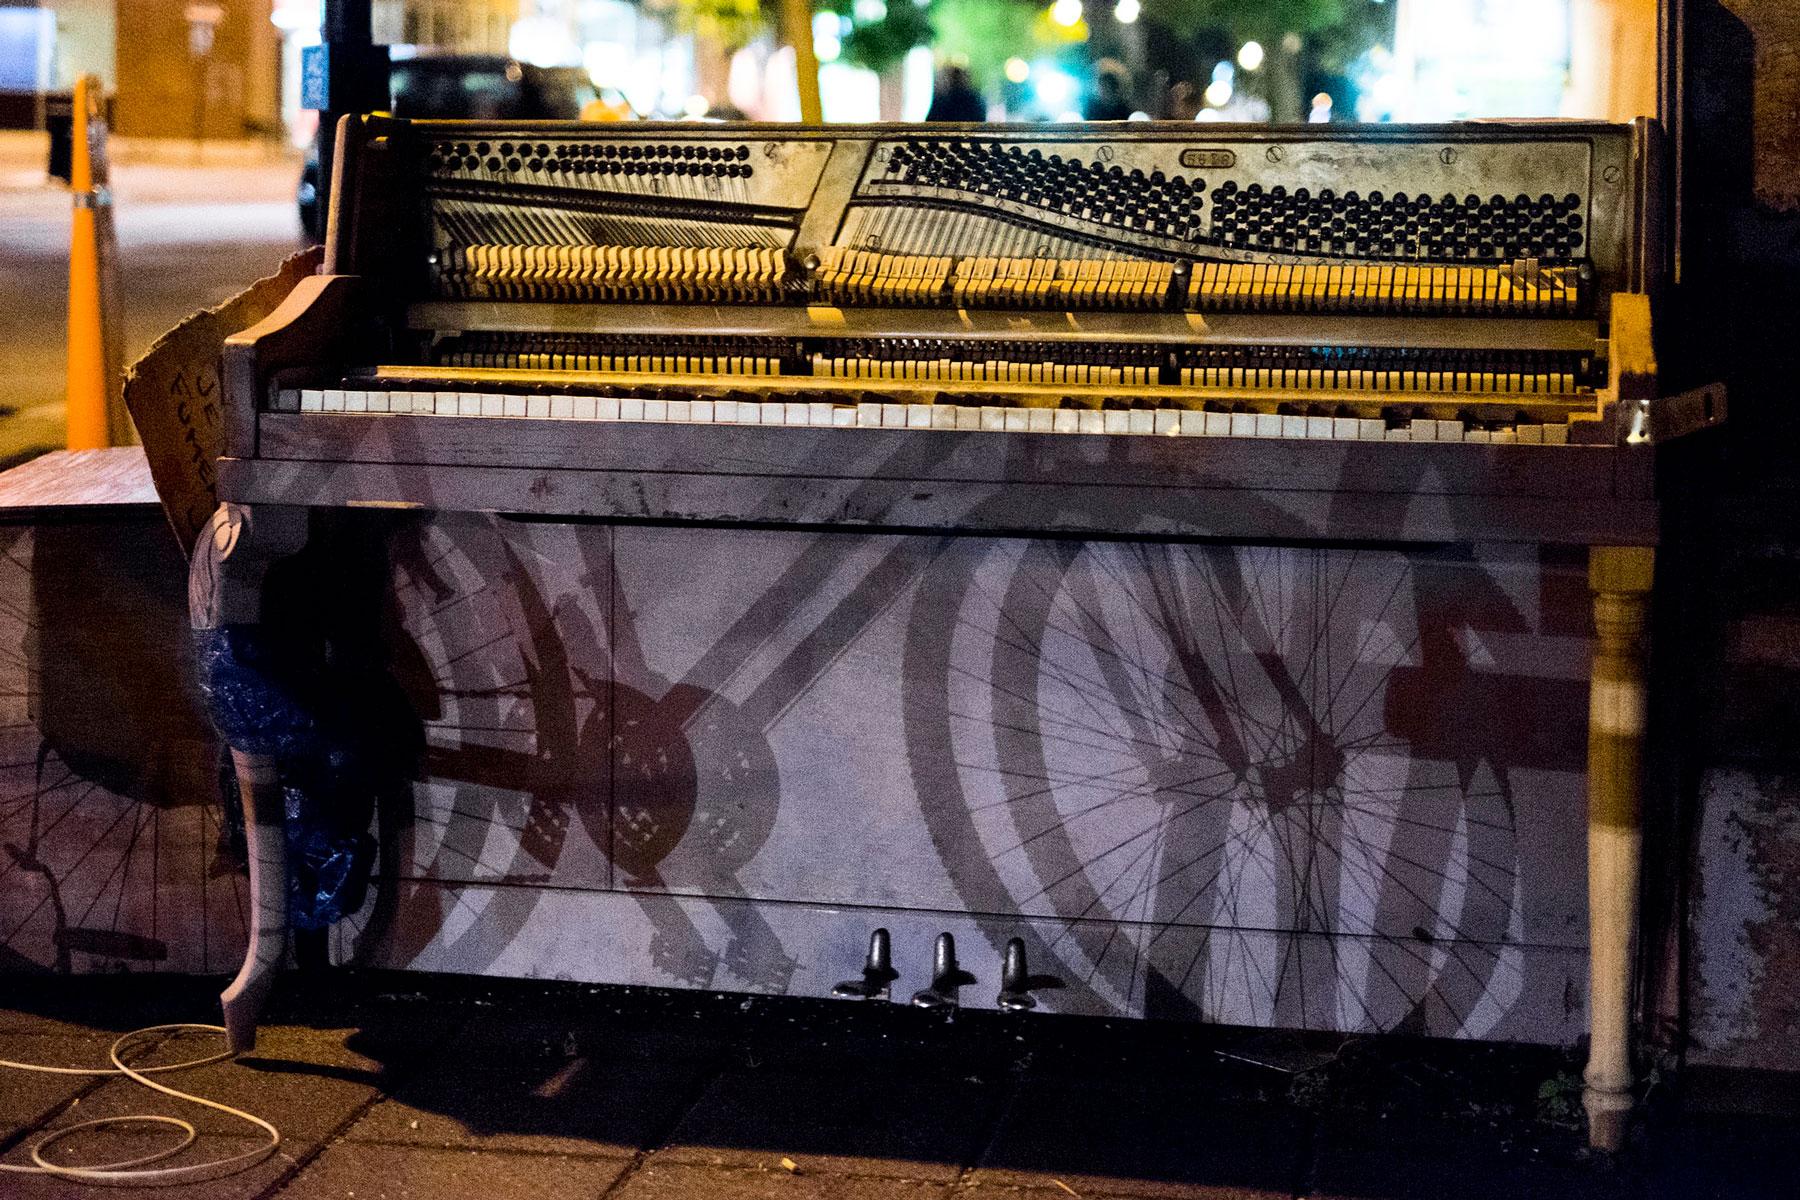 L'ombre de mon vélo portée deux fois sur le piano de la rue Fleury Est par les phares d'une automobile.